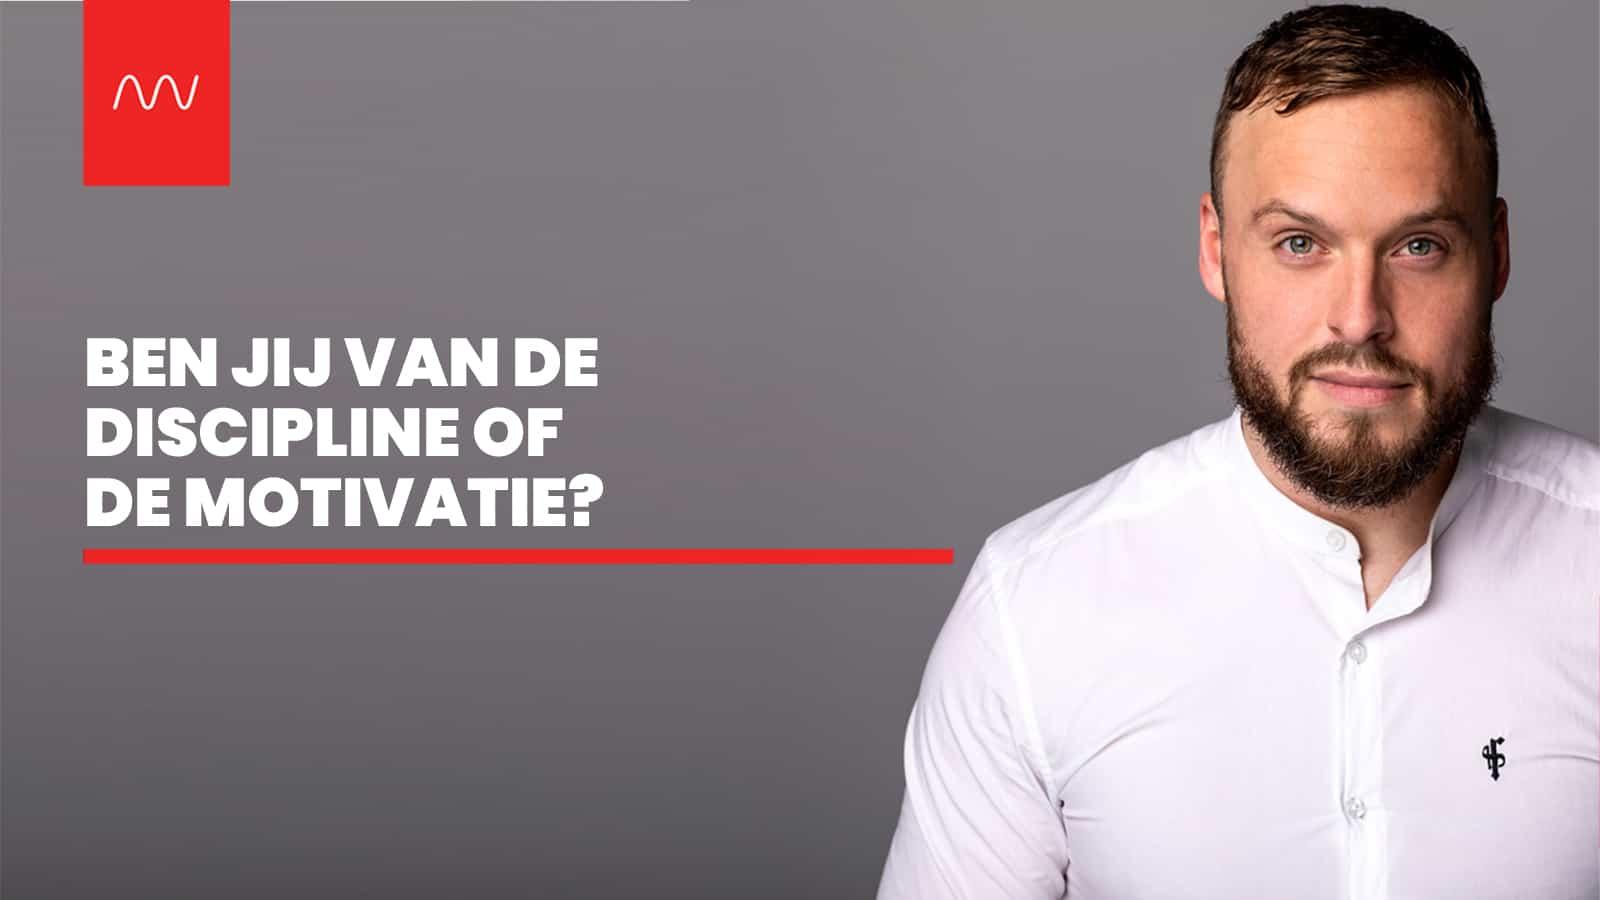 Ben jij van de discipline of de motivatie?